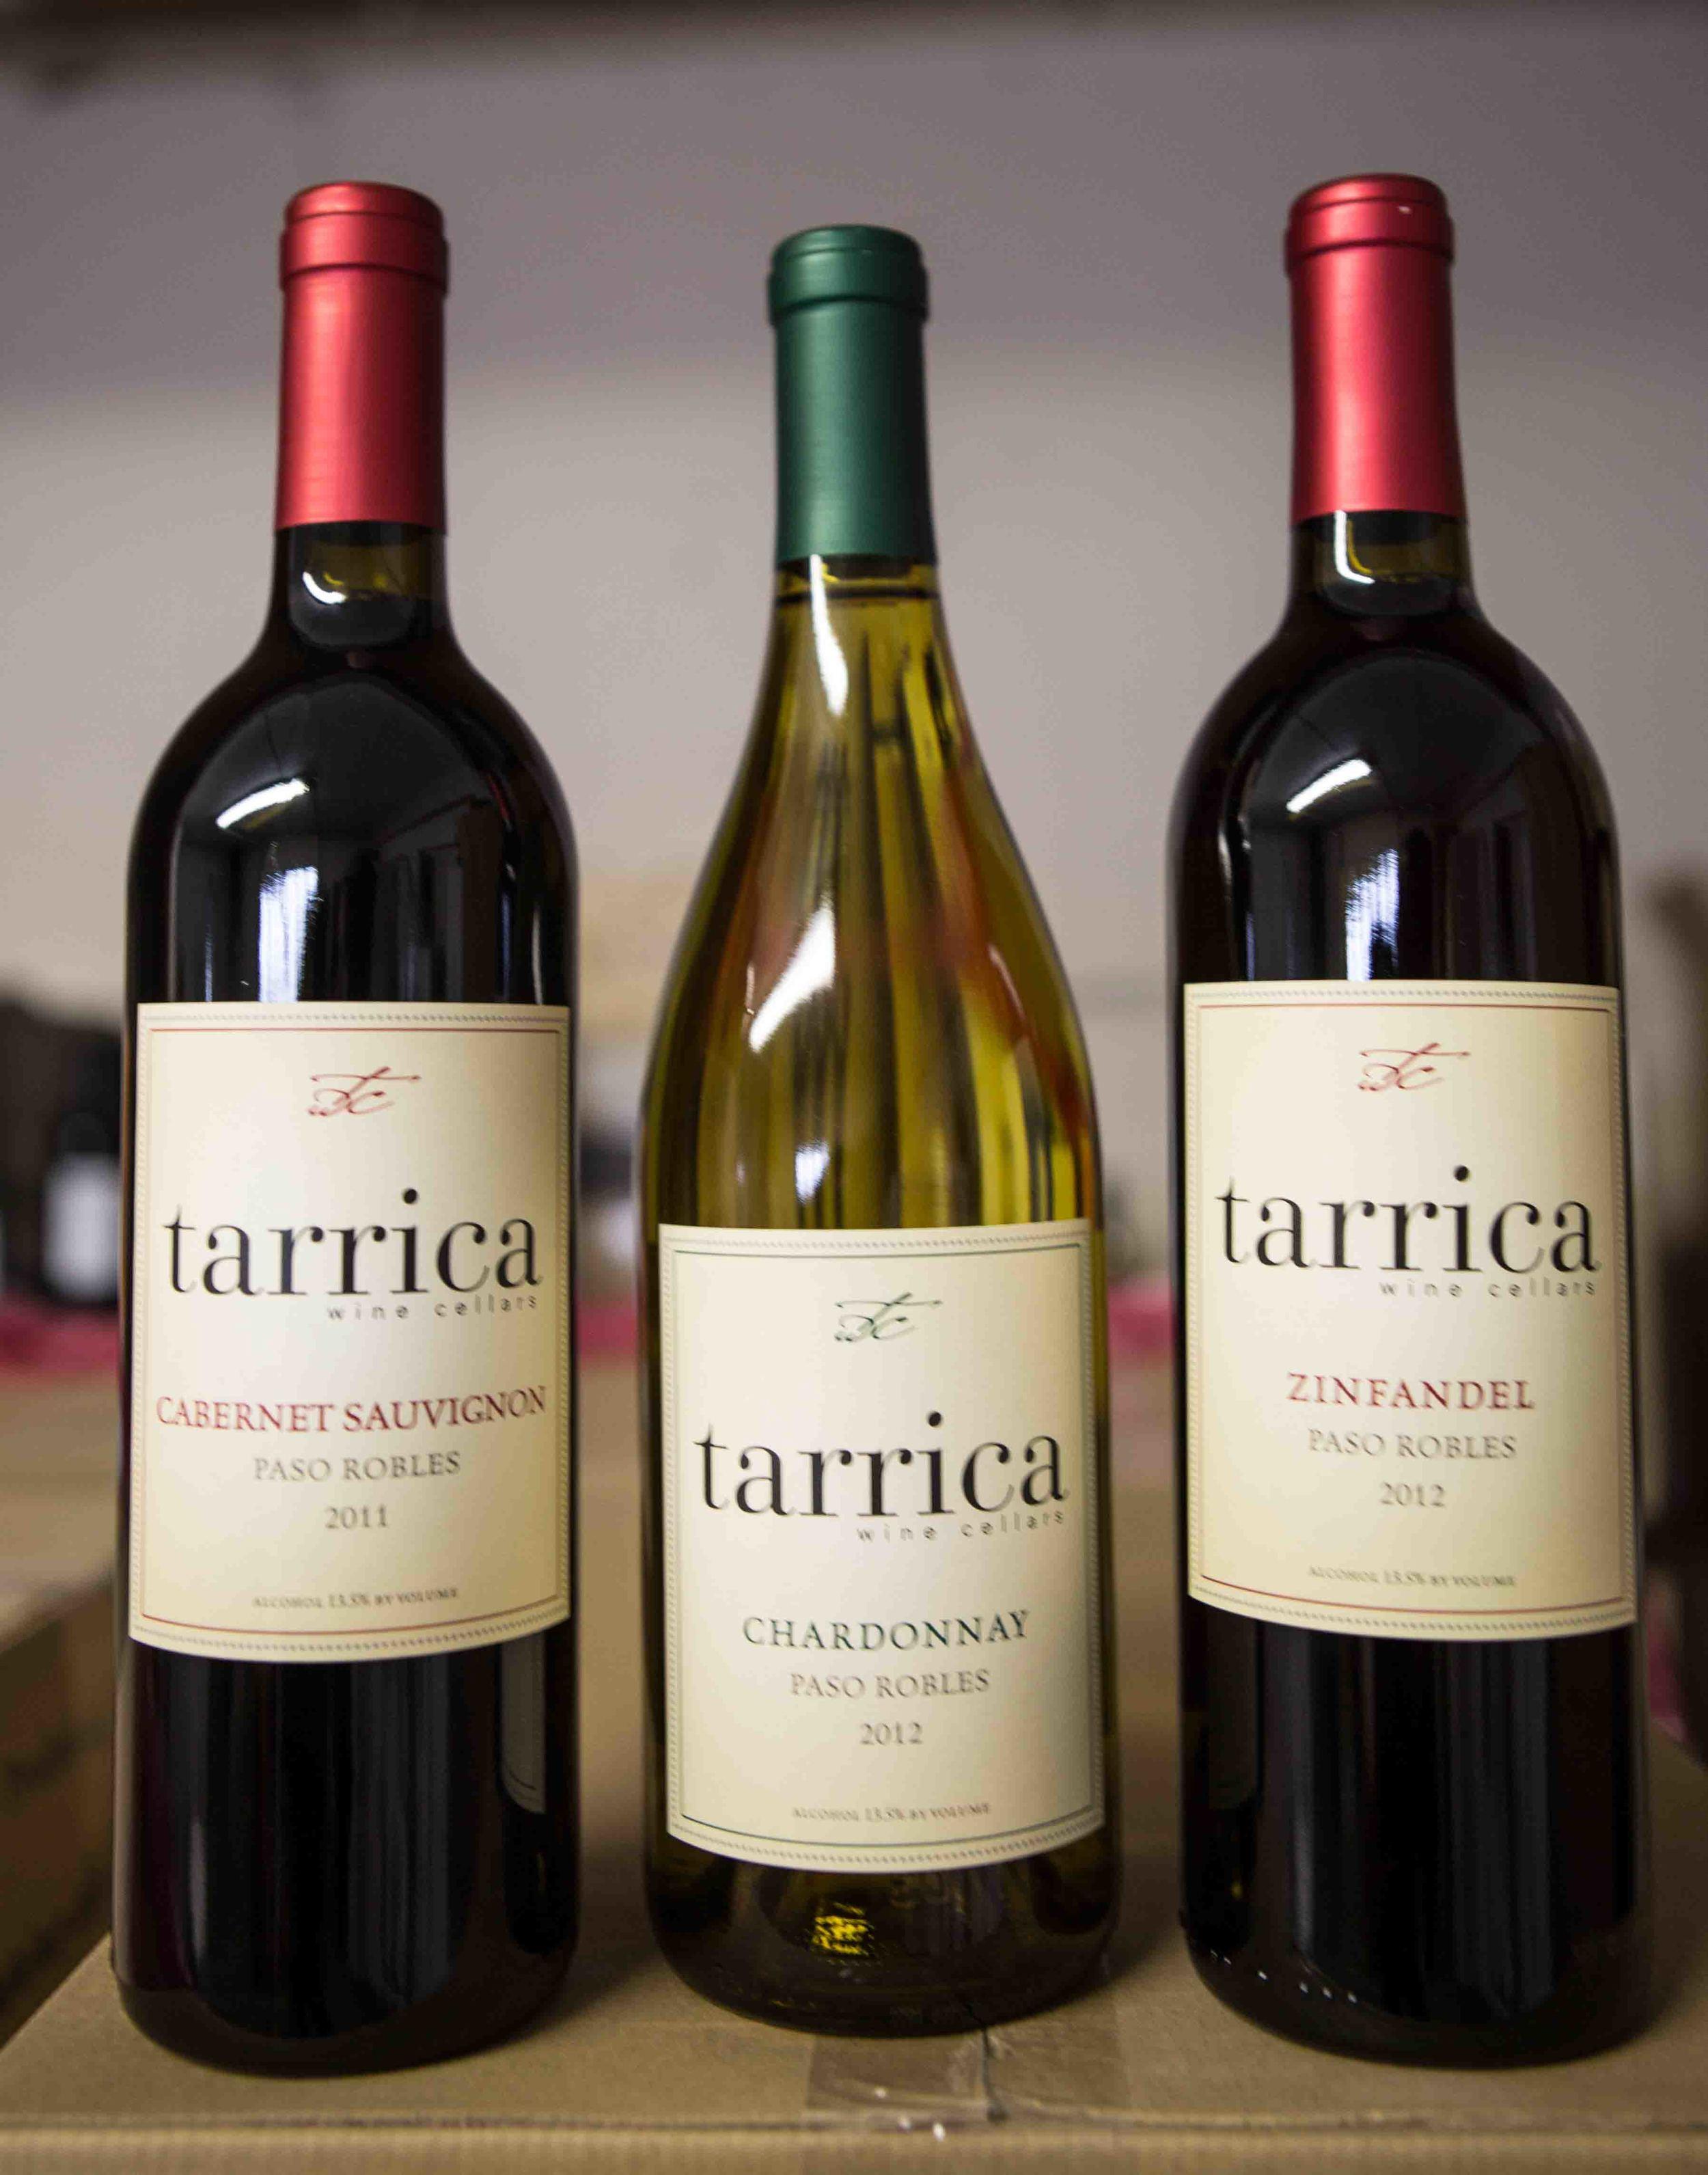 Tarrica-1.jpg